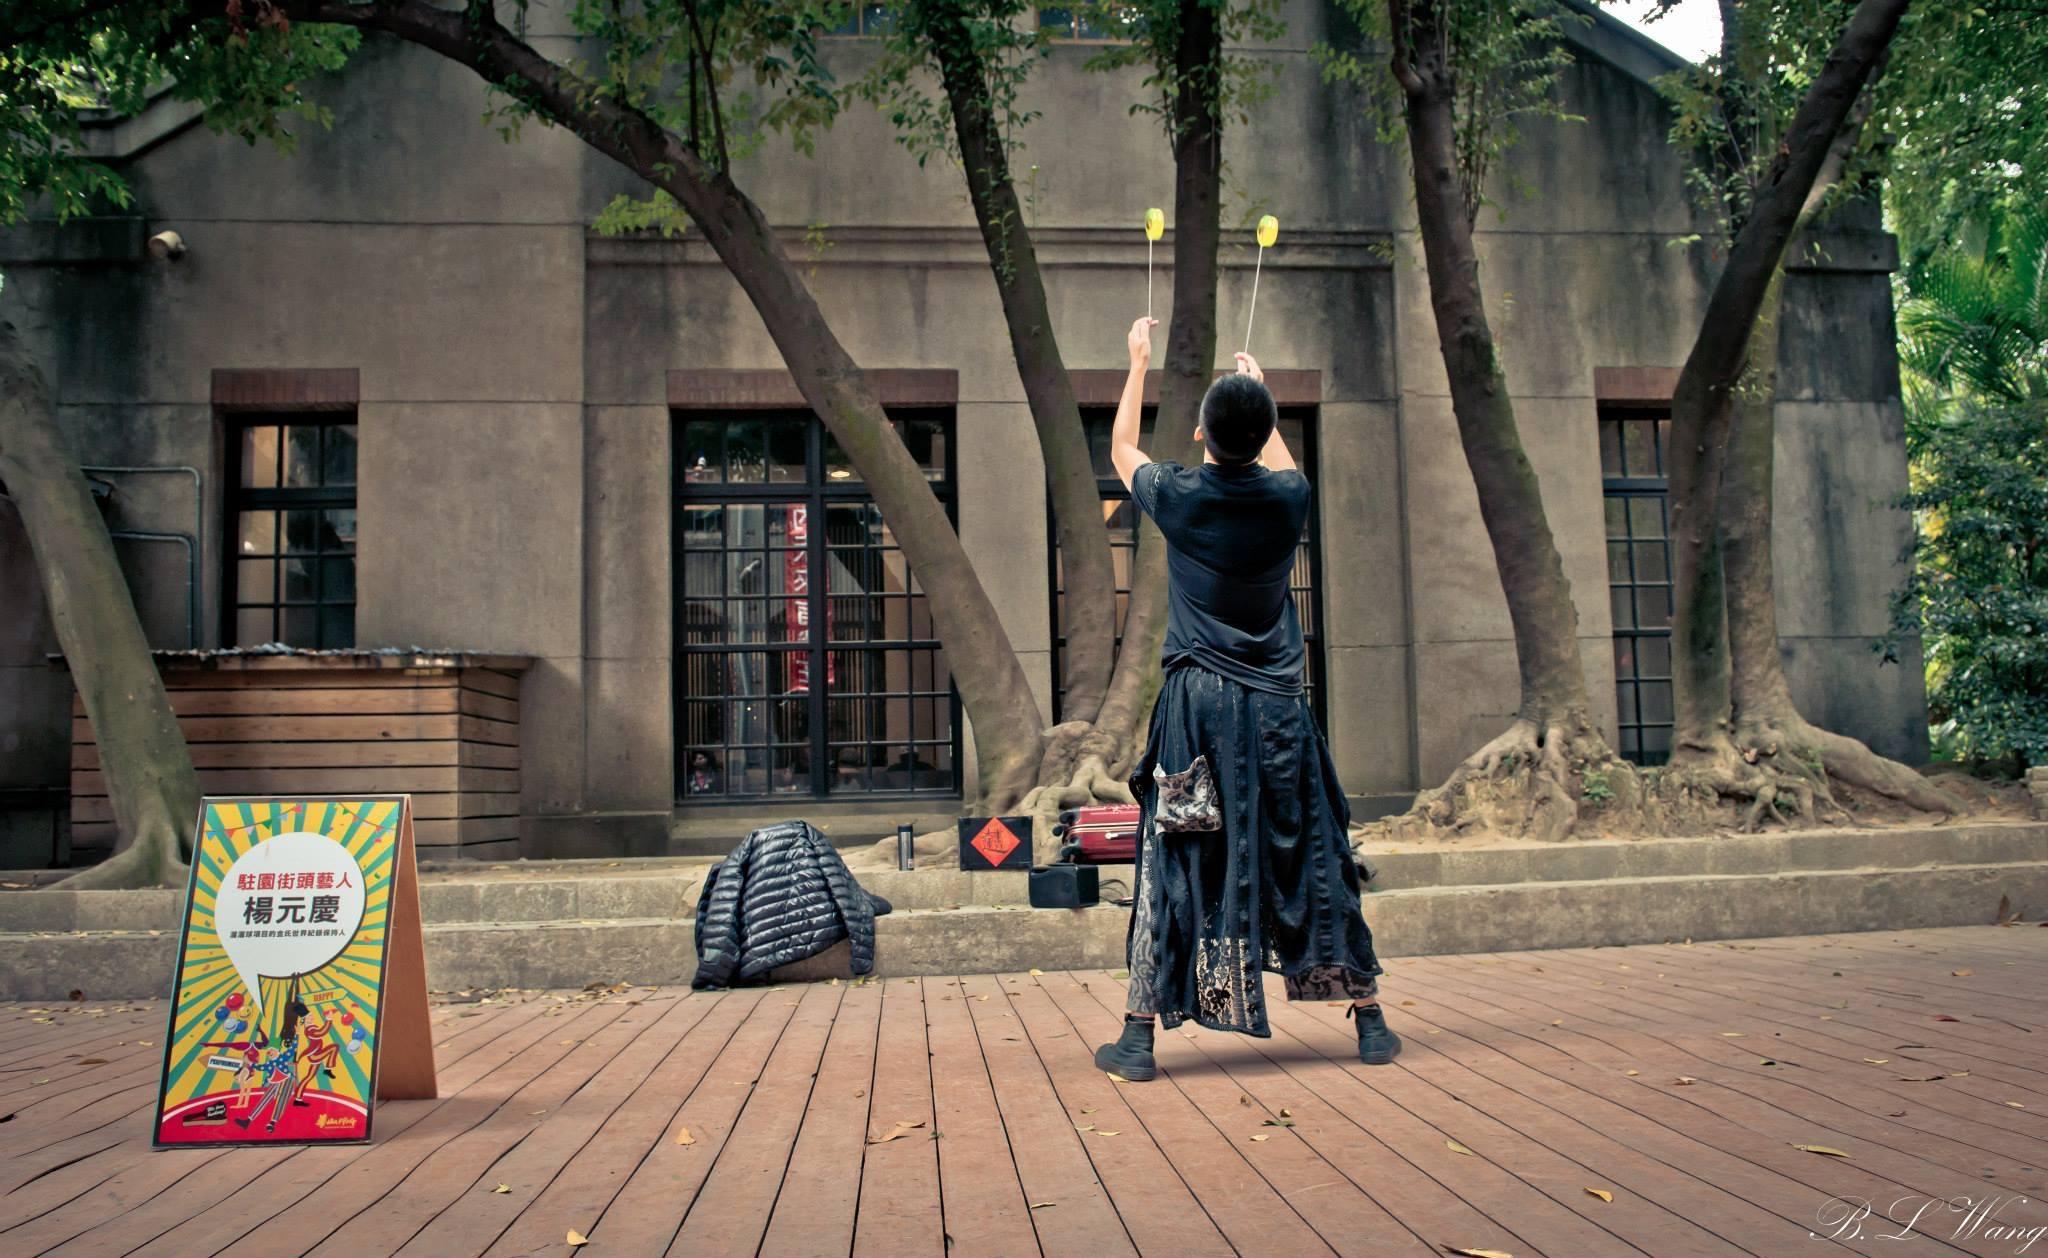 專訪楊元慶:我用一顆溜溜球征服世界,成就心中夢想